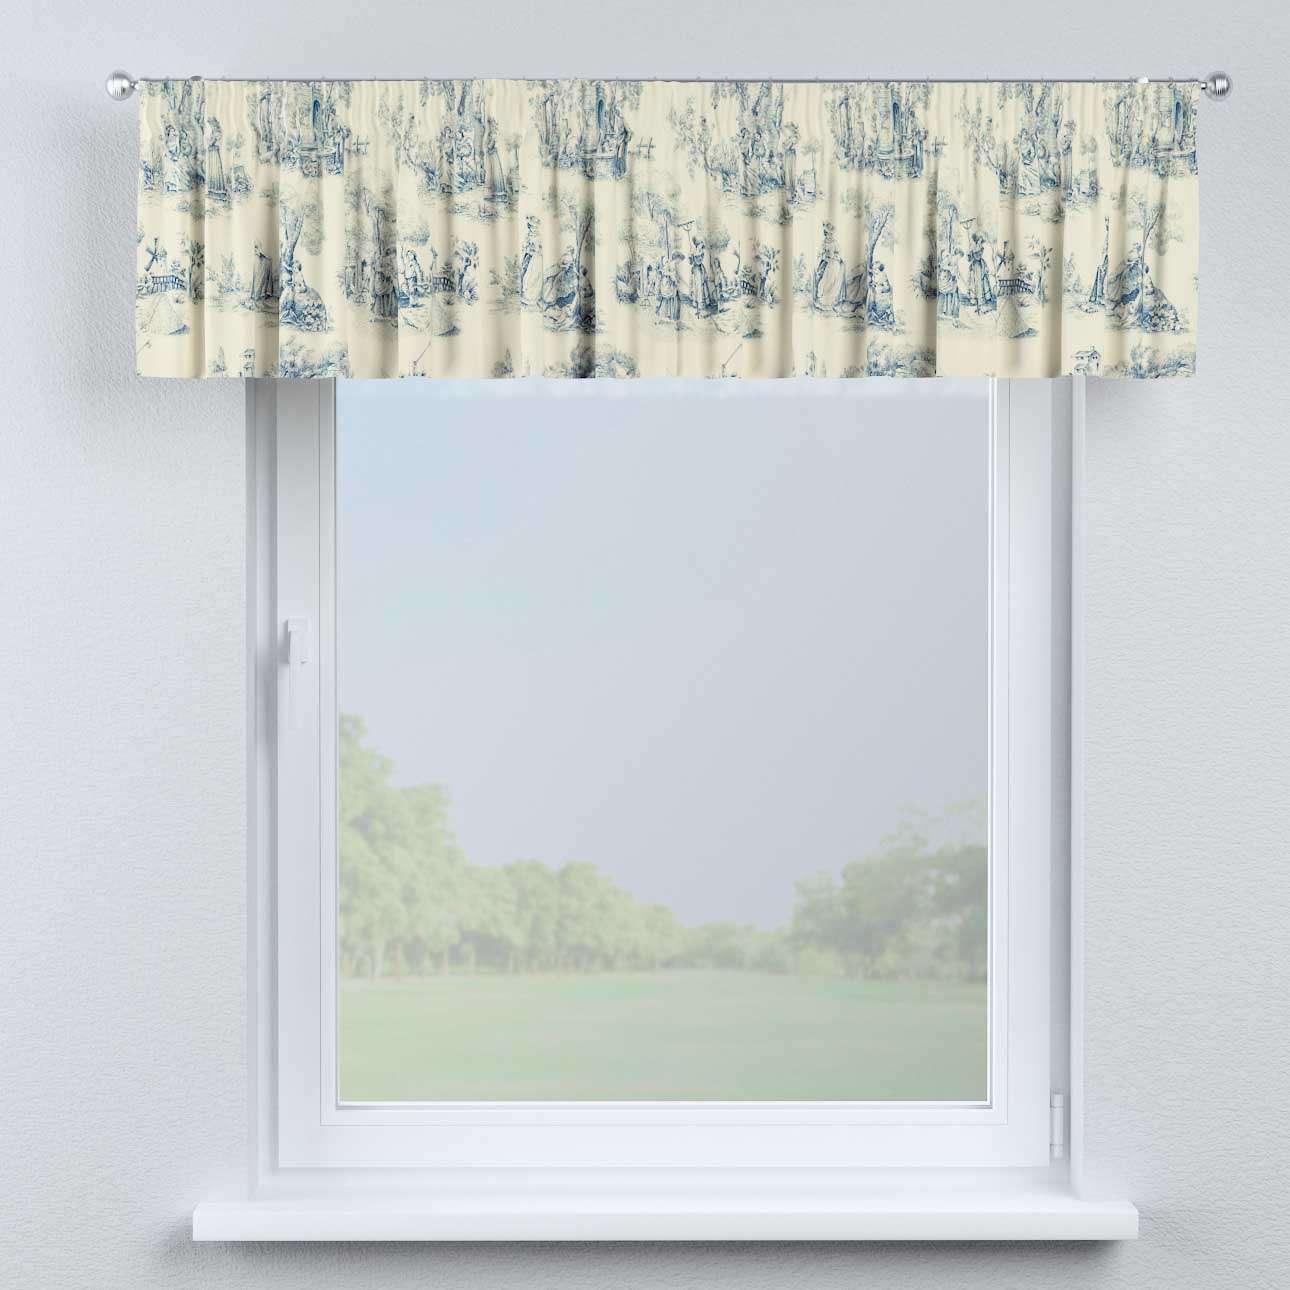 Gardinkappe med rynkebånd 130 x 40 cm fra kollektionen Avinon, Stof: 132-66